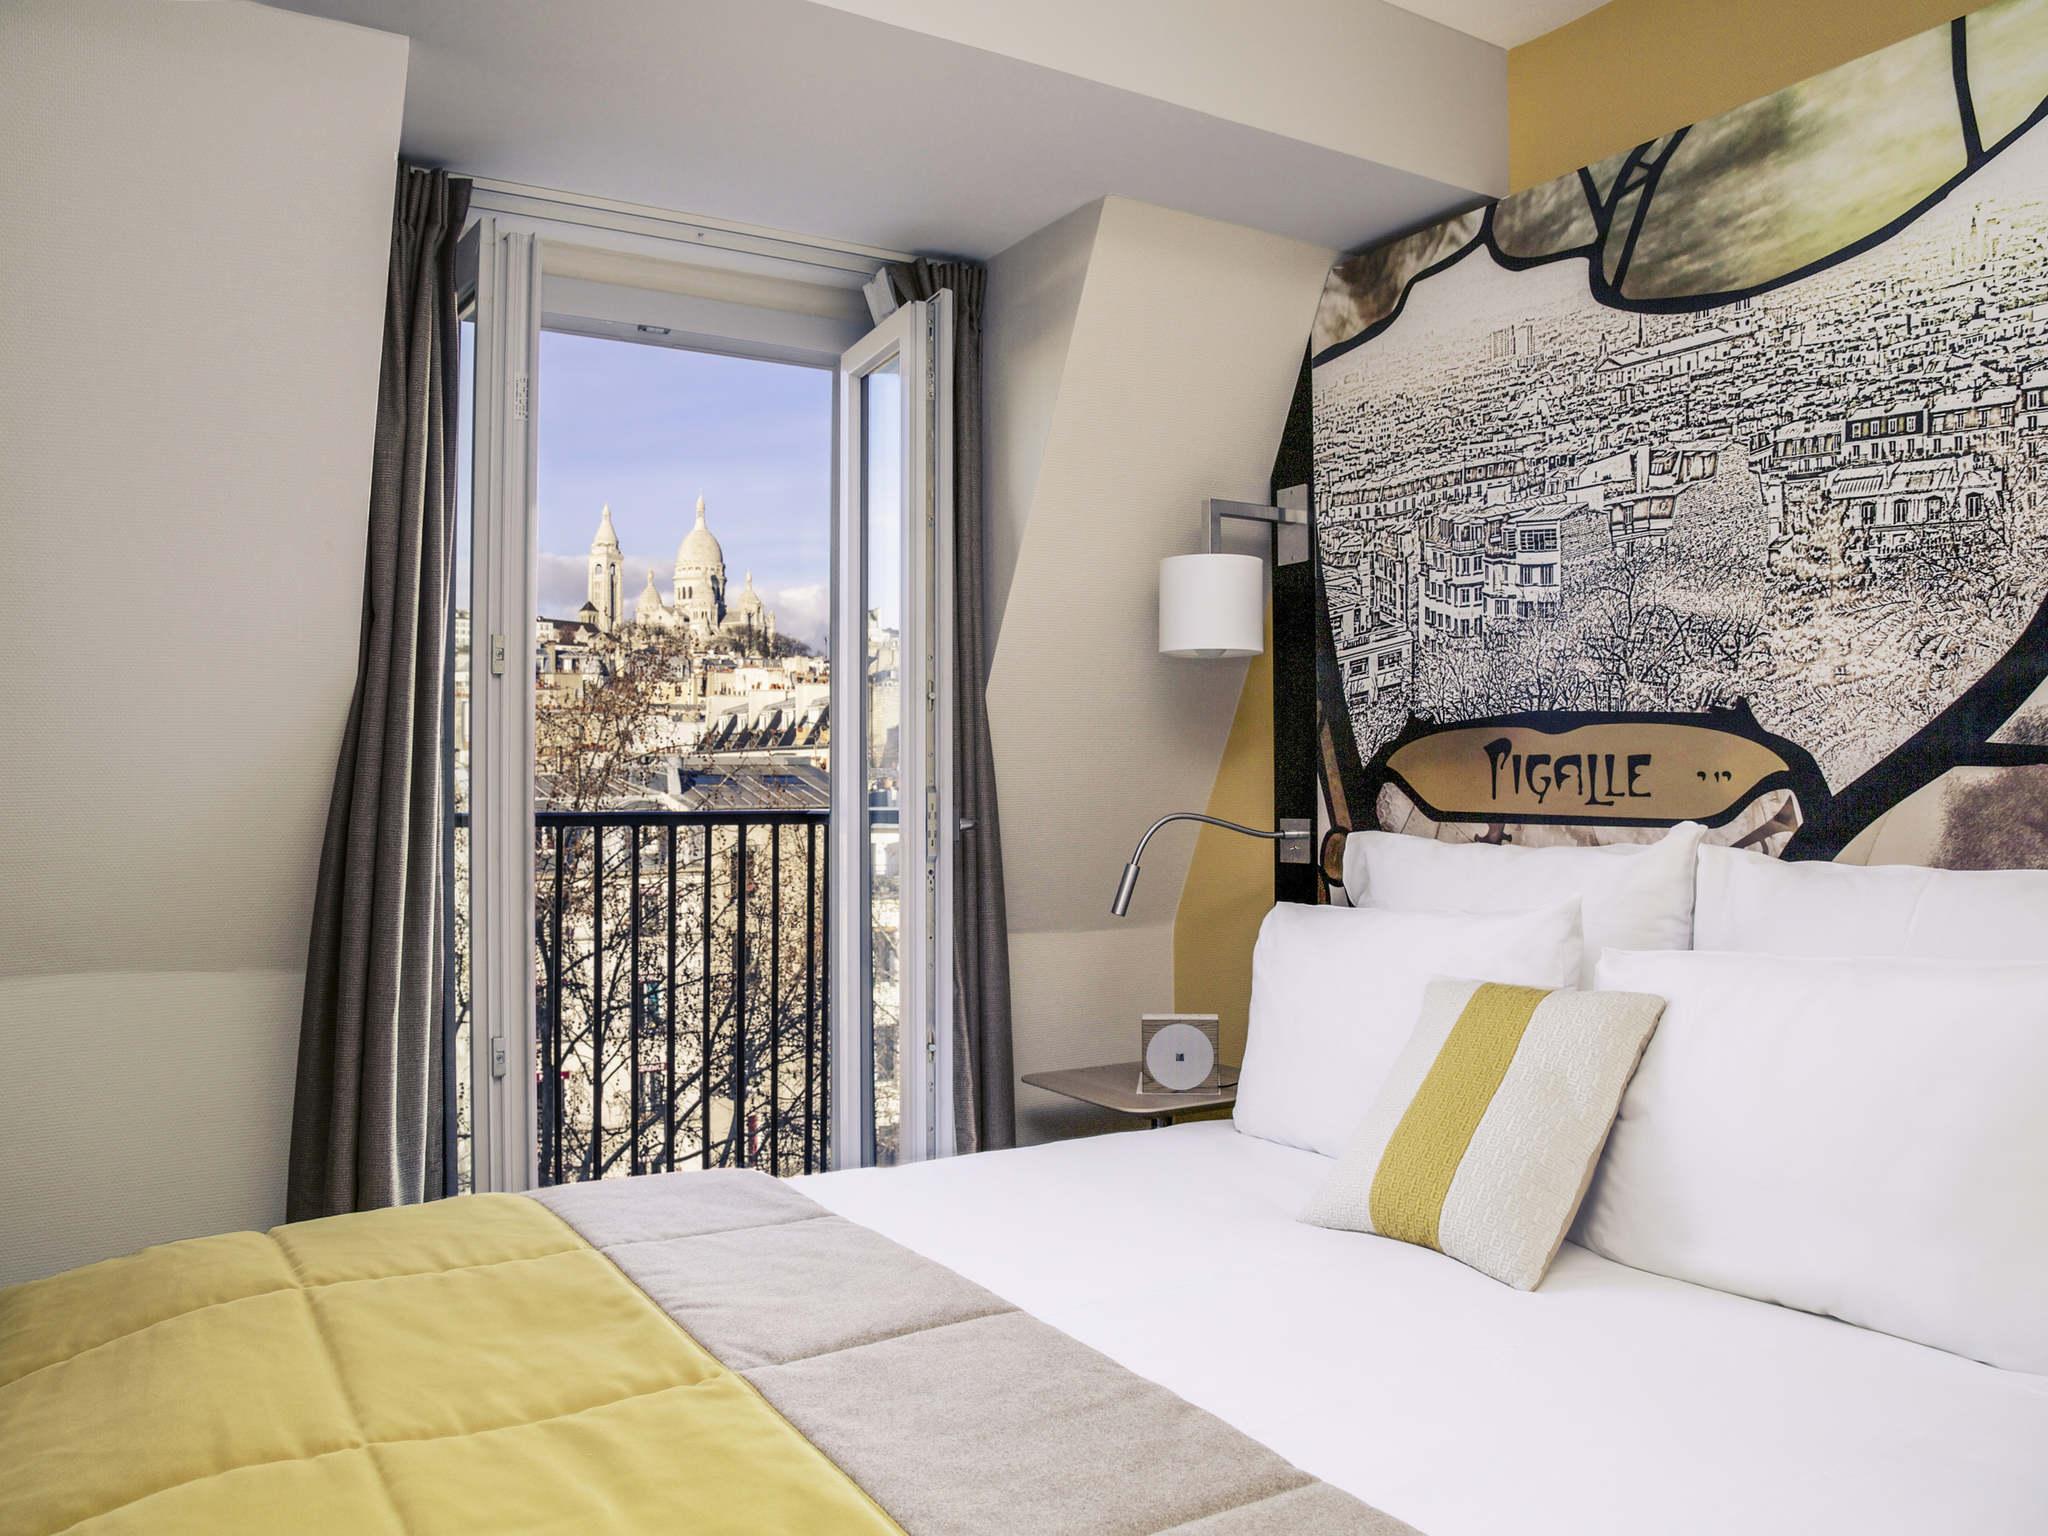 โรงแรม – โรงแรมเมอร์เคียว ปารีส 9 ปีกัลล์ ซาเคร่เกอร์